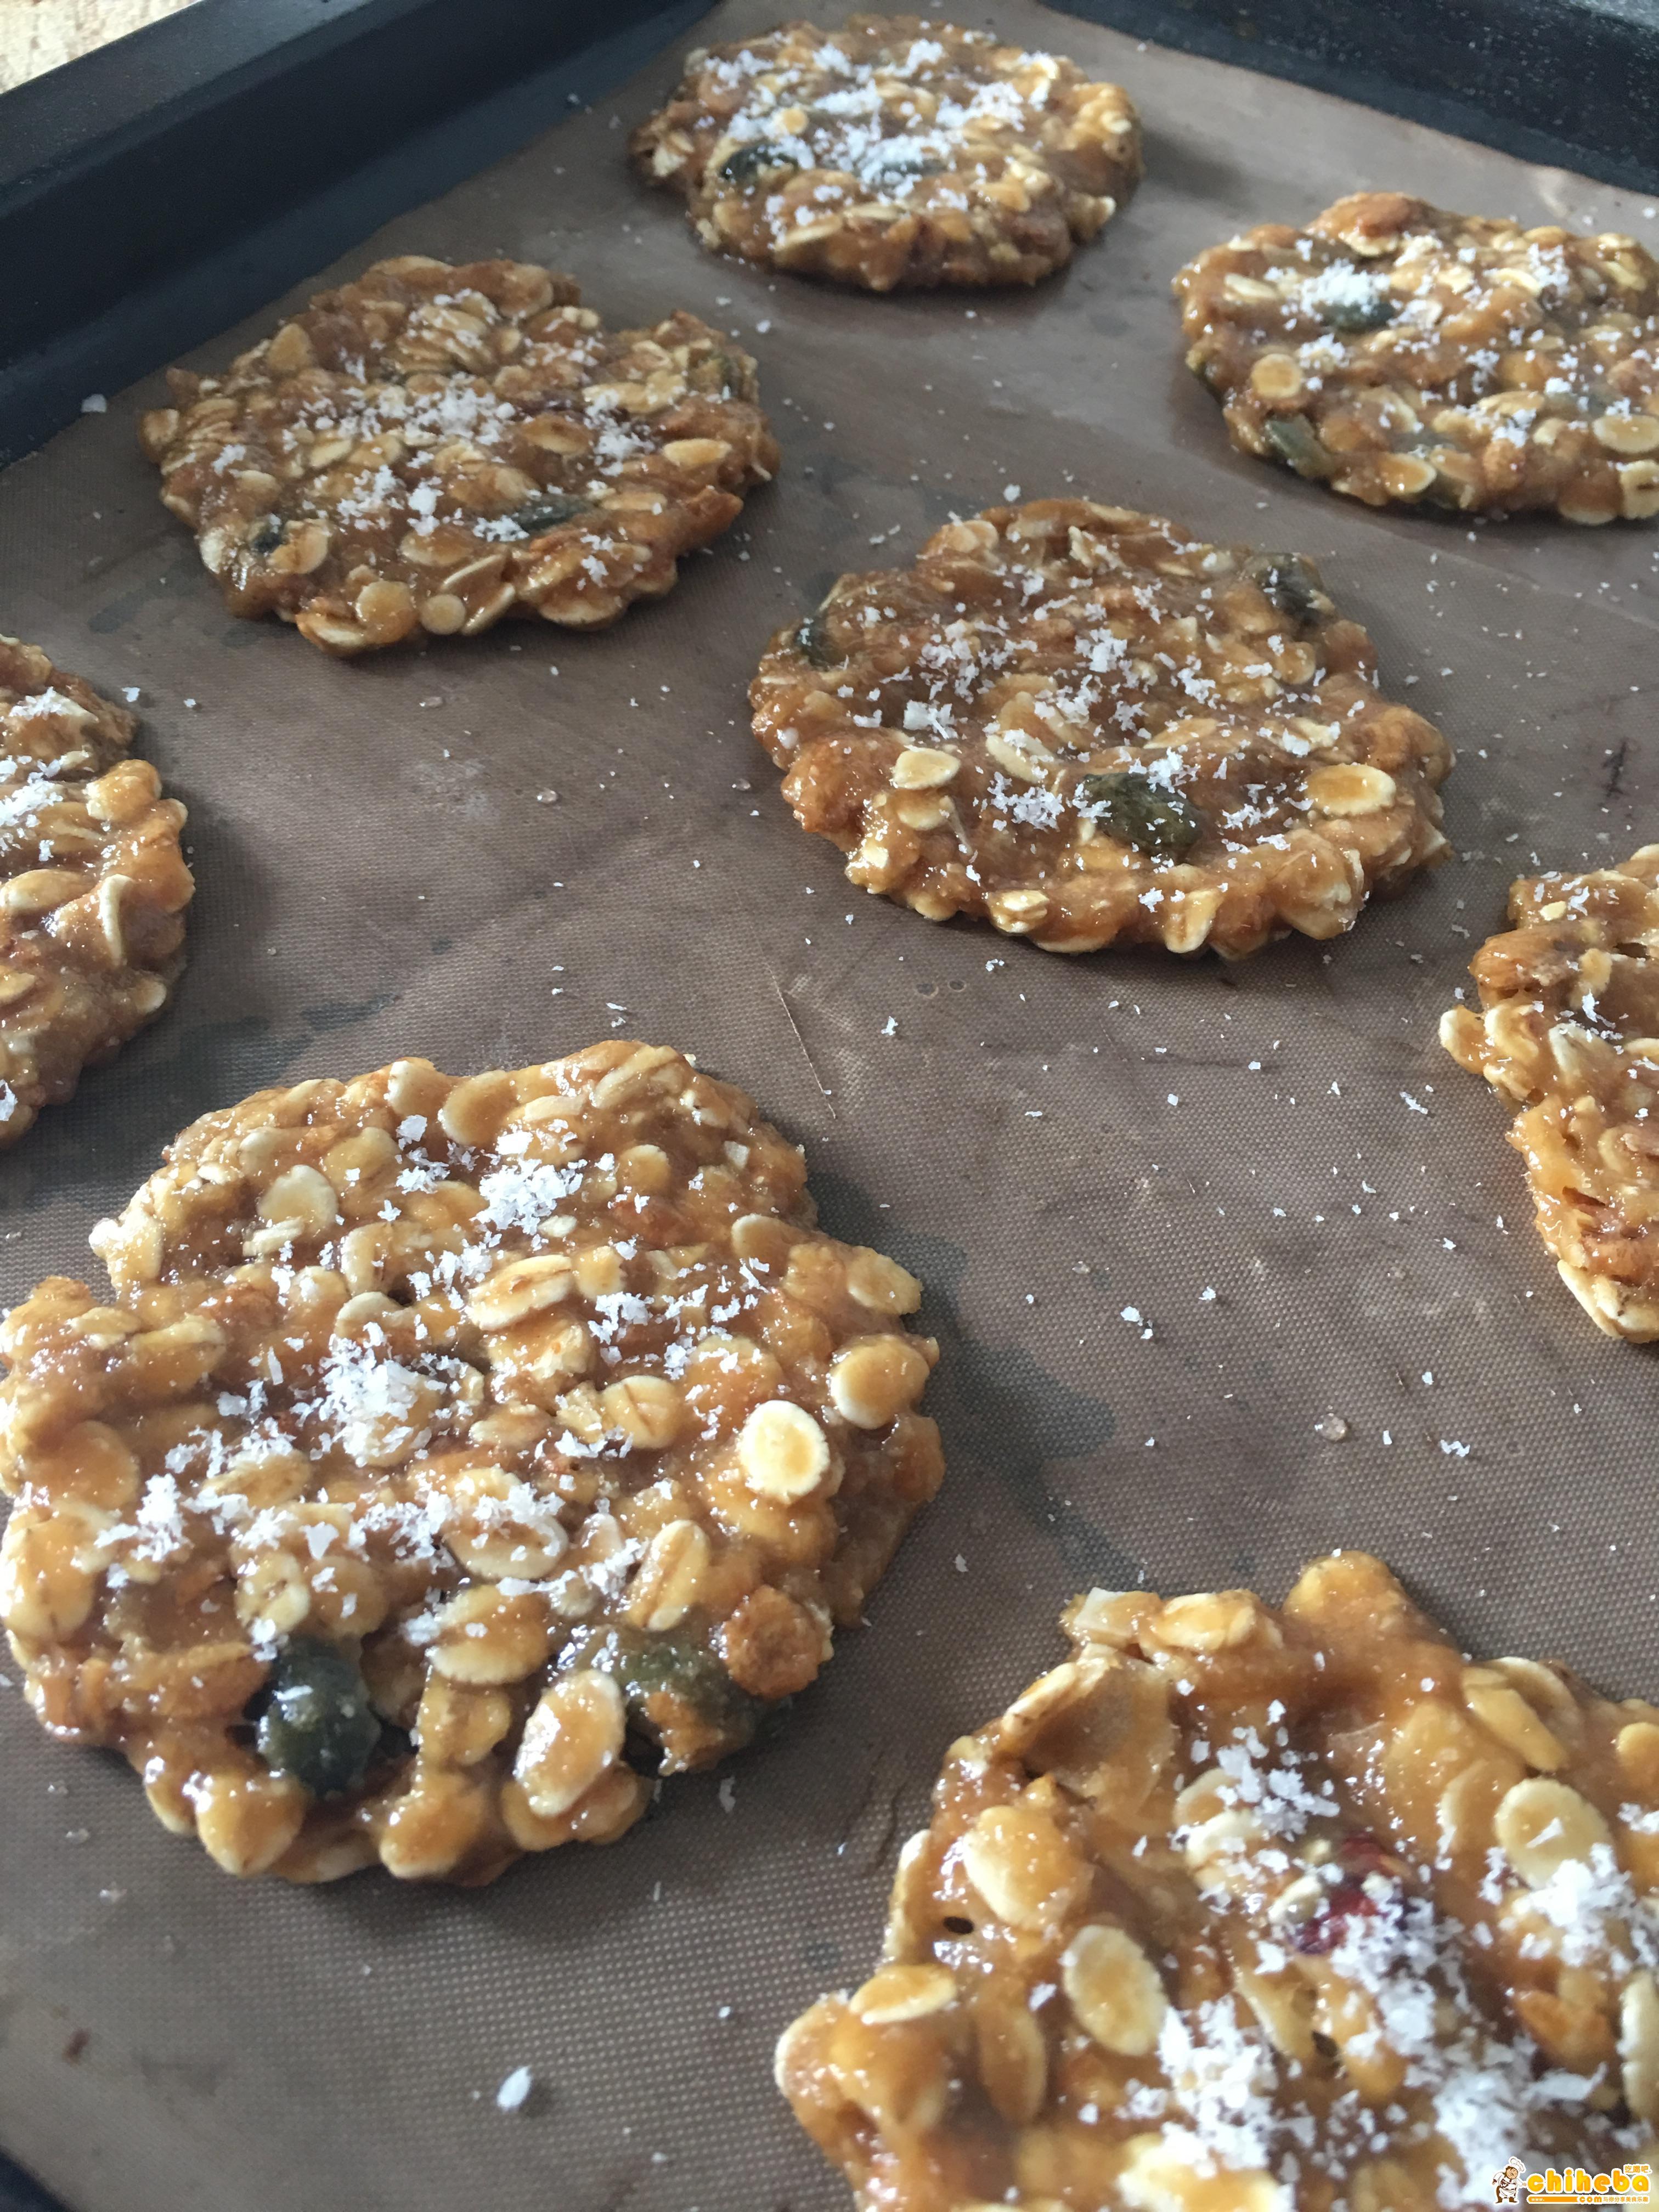 健康椰子油黑糖燕麦高纤饼干【轻卡小食】的做法 步骤8